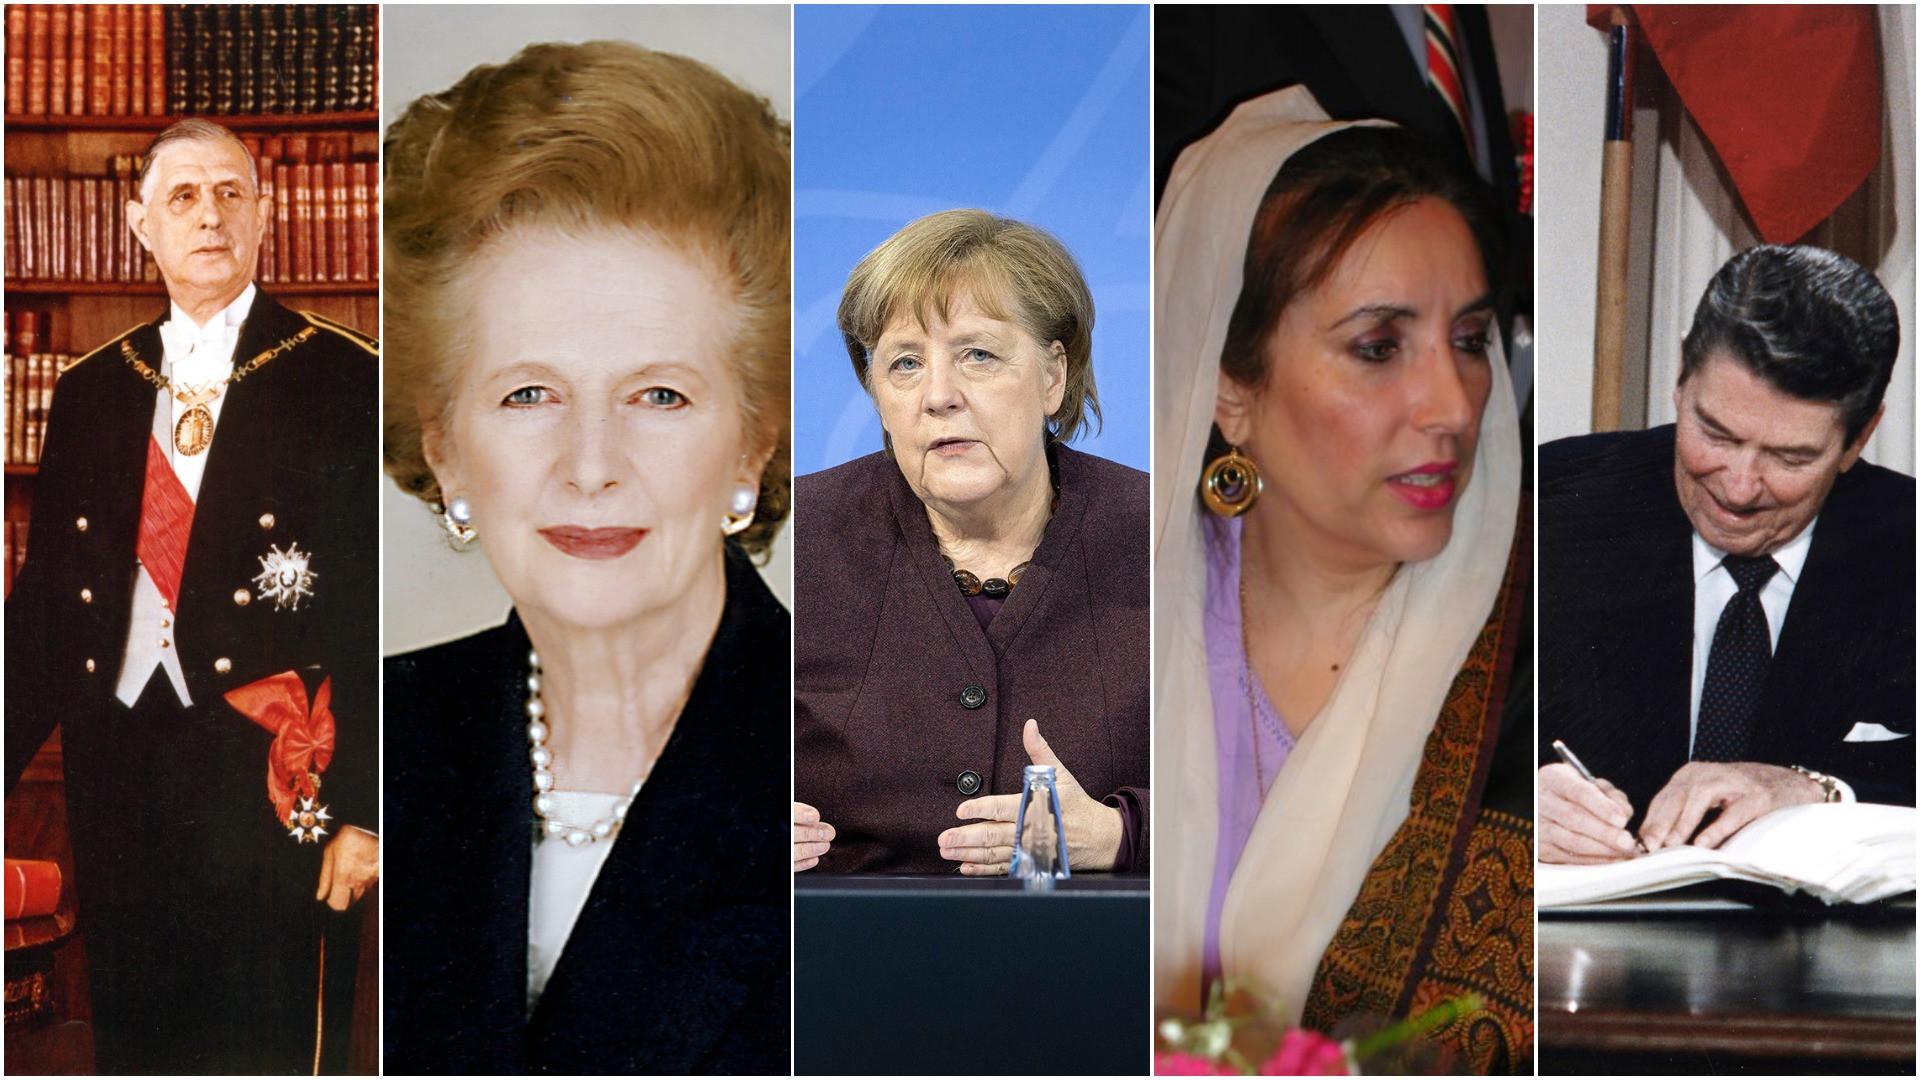 Historický přehled: Jak se Angela Merkelová vyrovná poválečným velikánům?